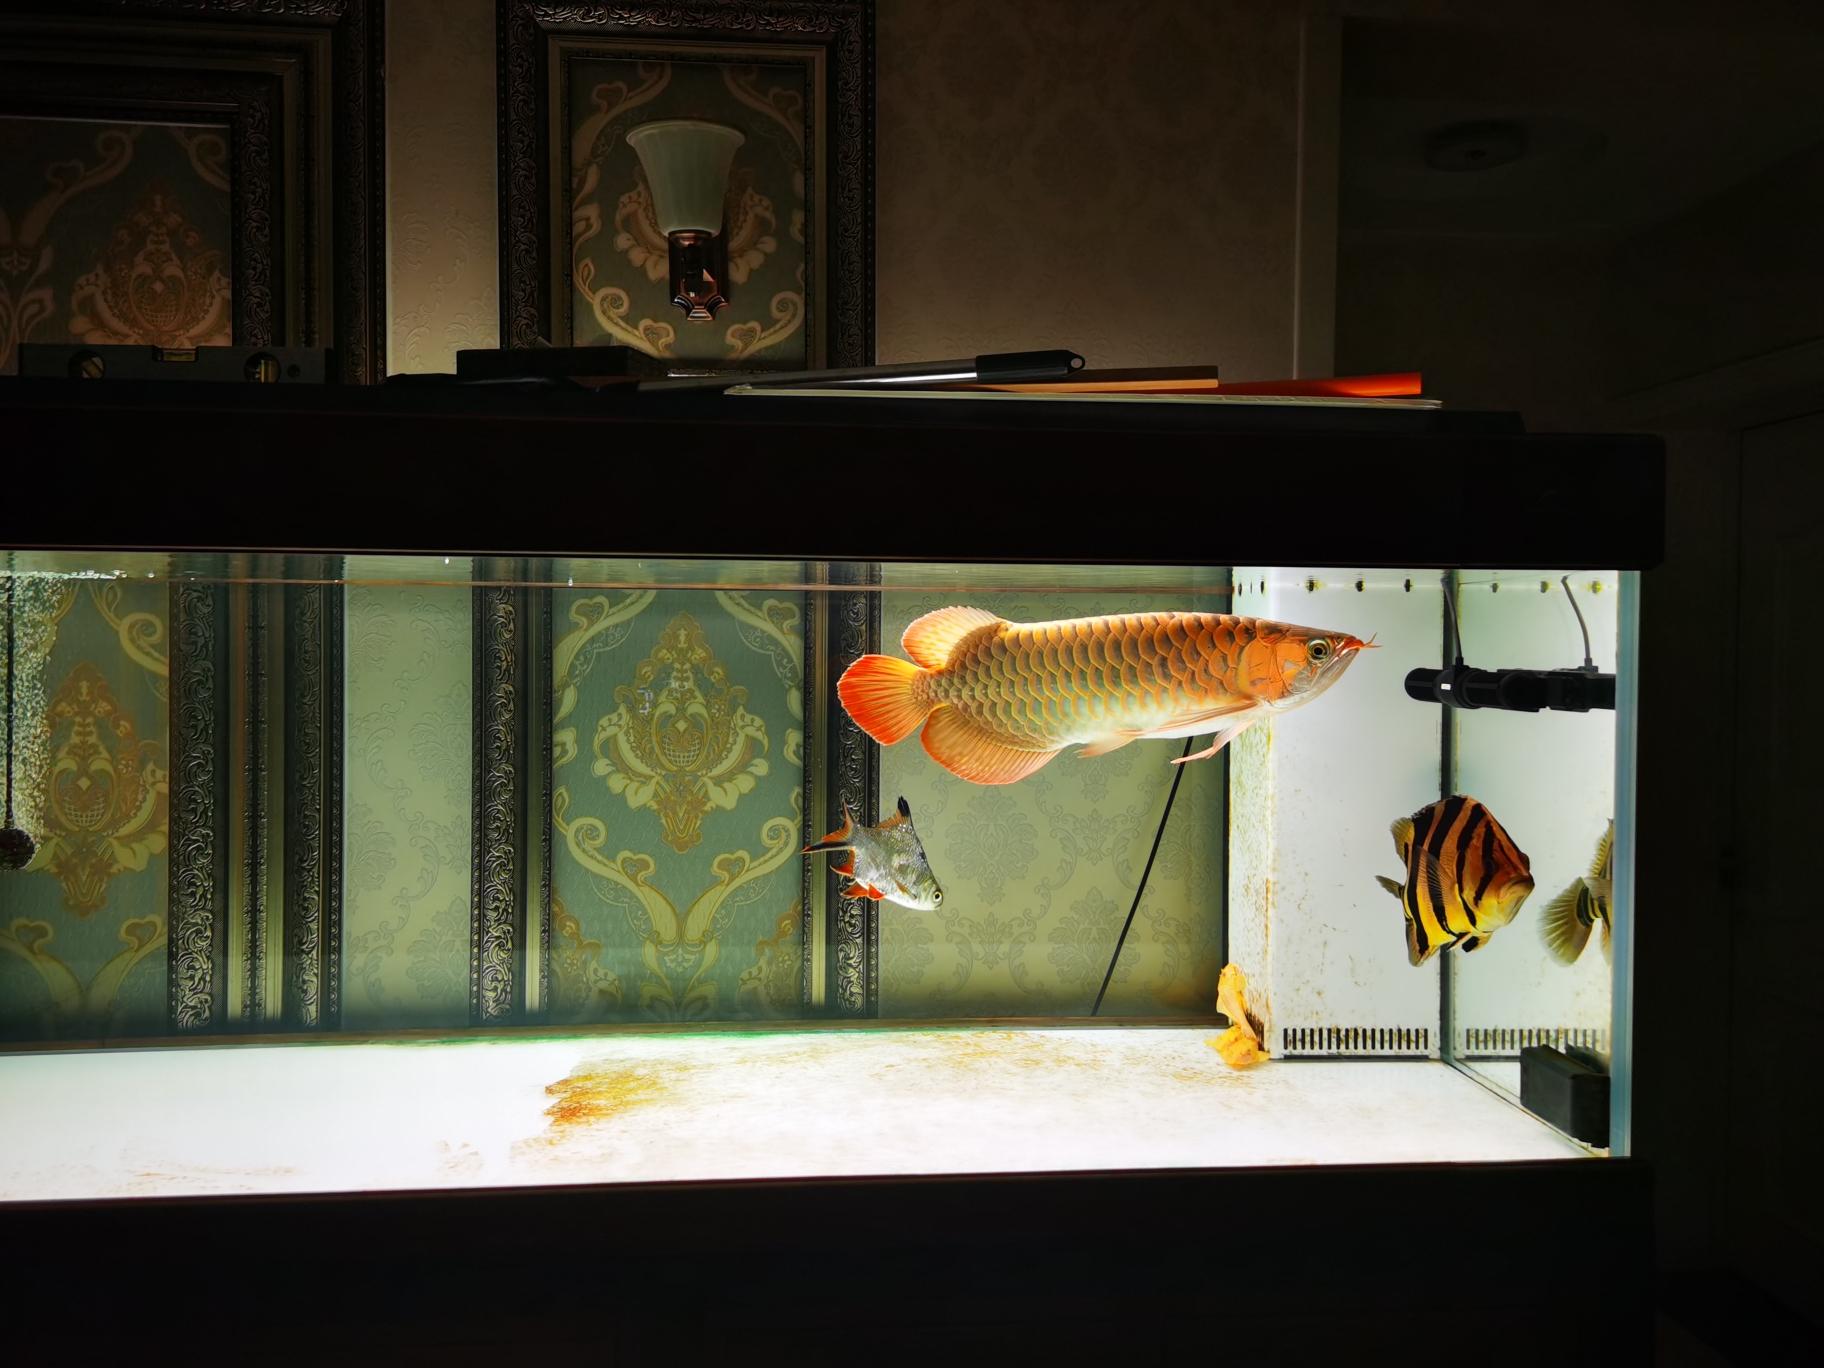 北京超级大鱼场没事别动滤材 北京龙鱼论坛 北京龙鱼第2张